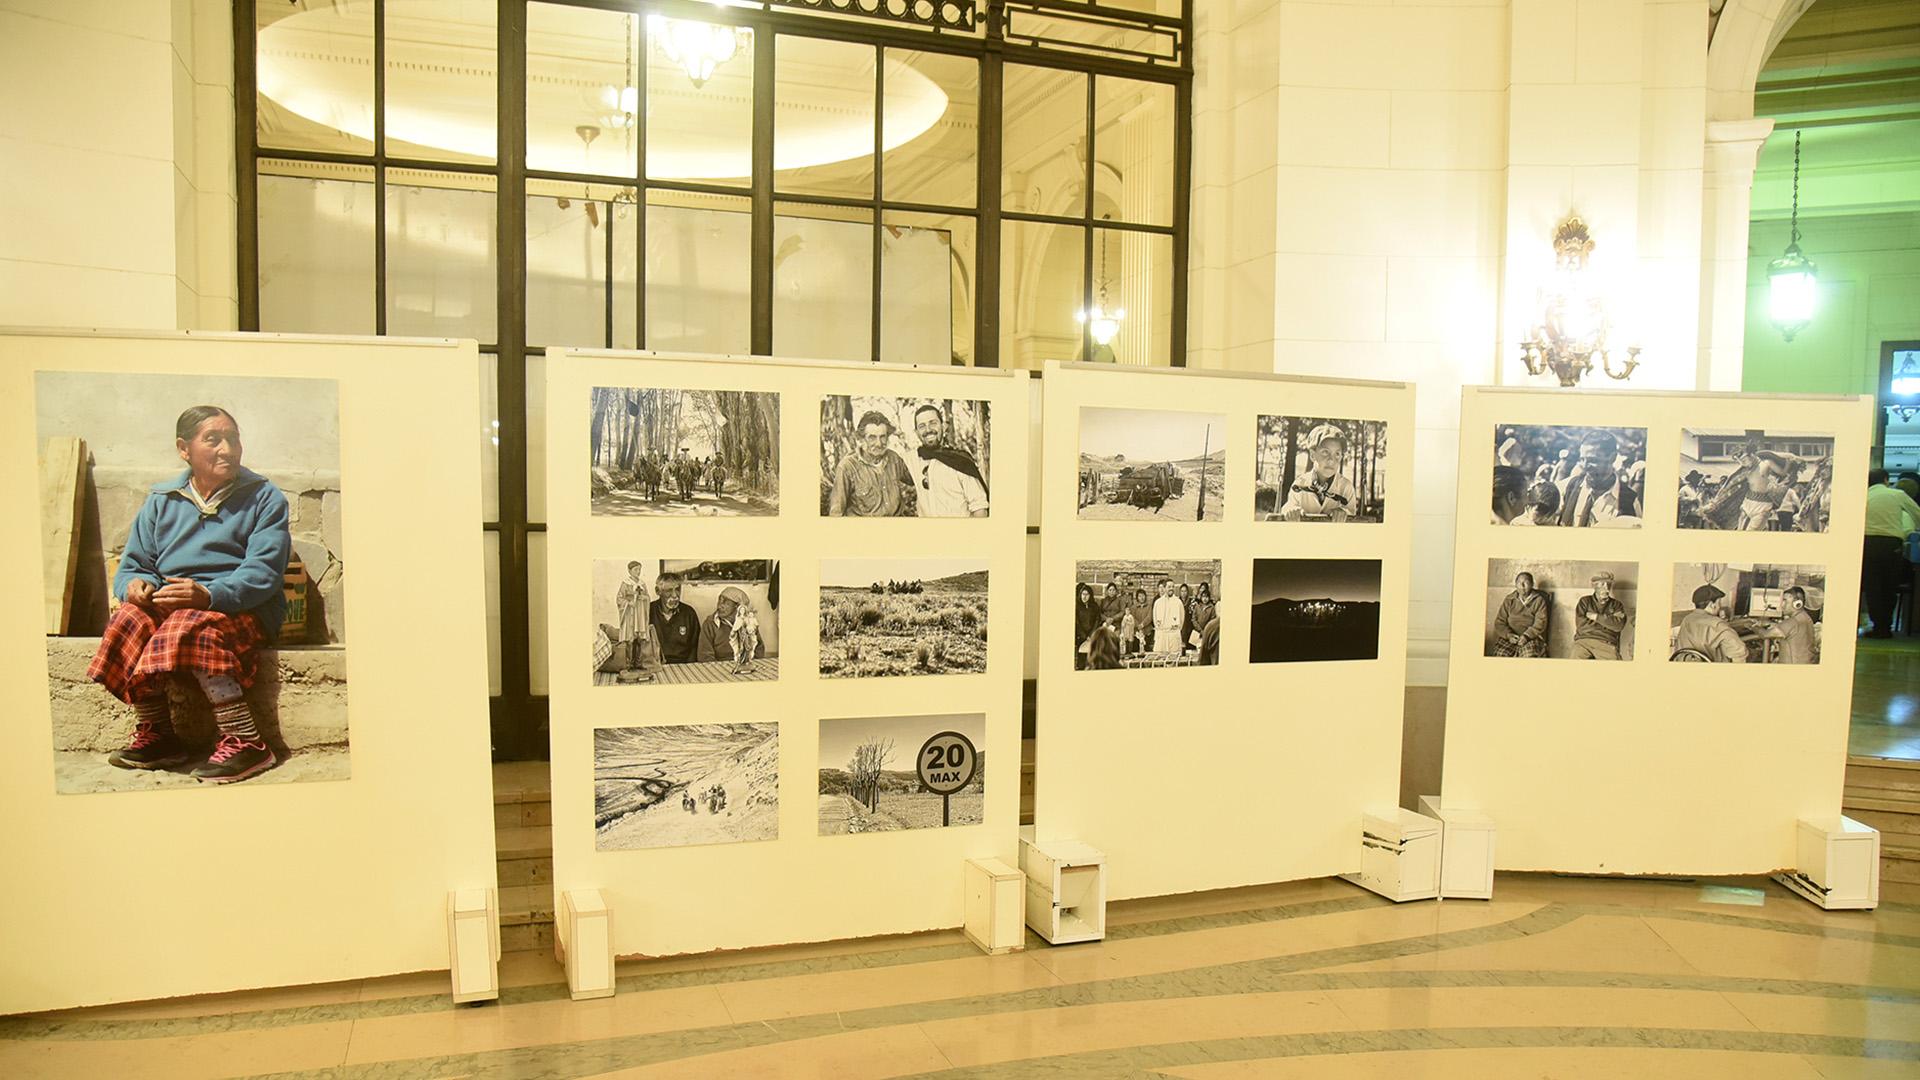 """Las obras se exponen en la Legislatura porteña: se trata de fotografías que retratan lalabor del Padre Diego Canale, primer protagonista del programa """"Semillas de Esperanzas"""", creado por la Fundación Nínawa Daher"""